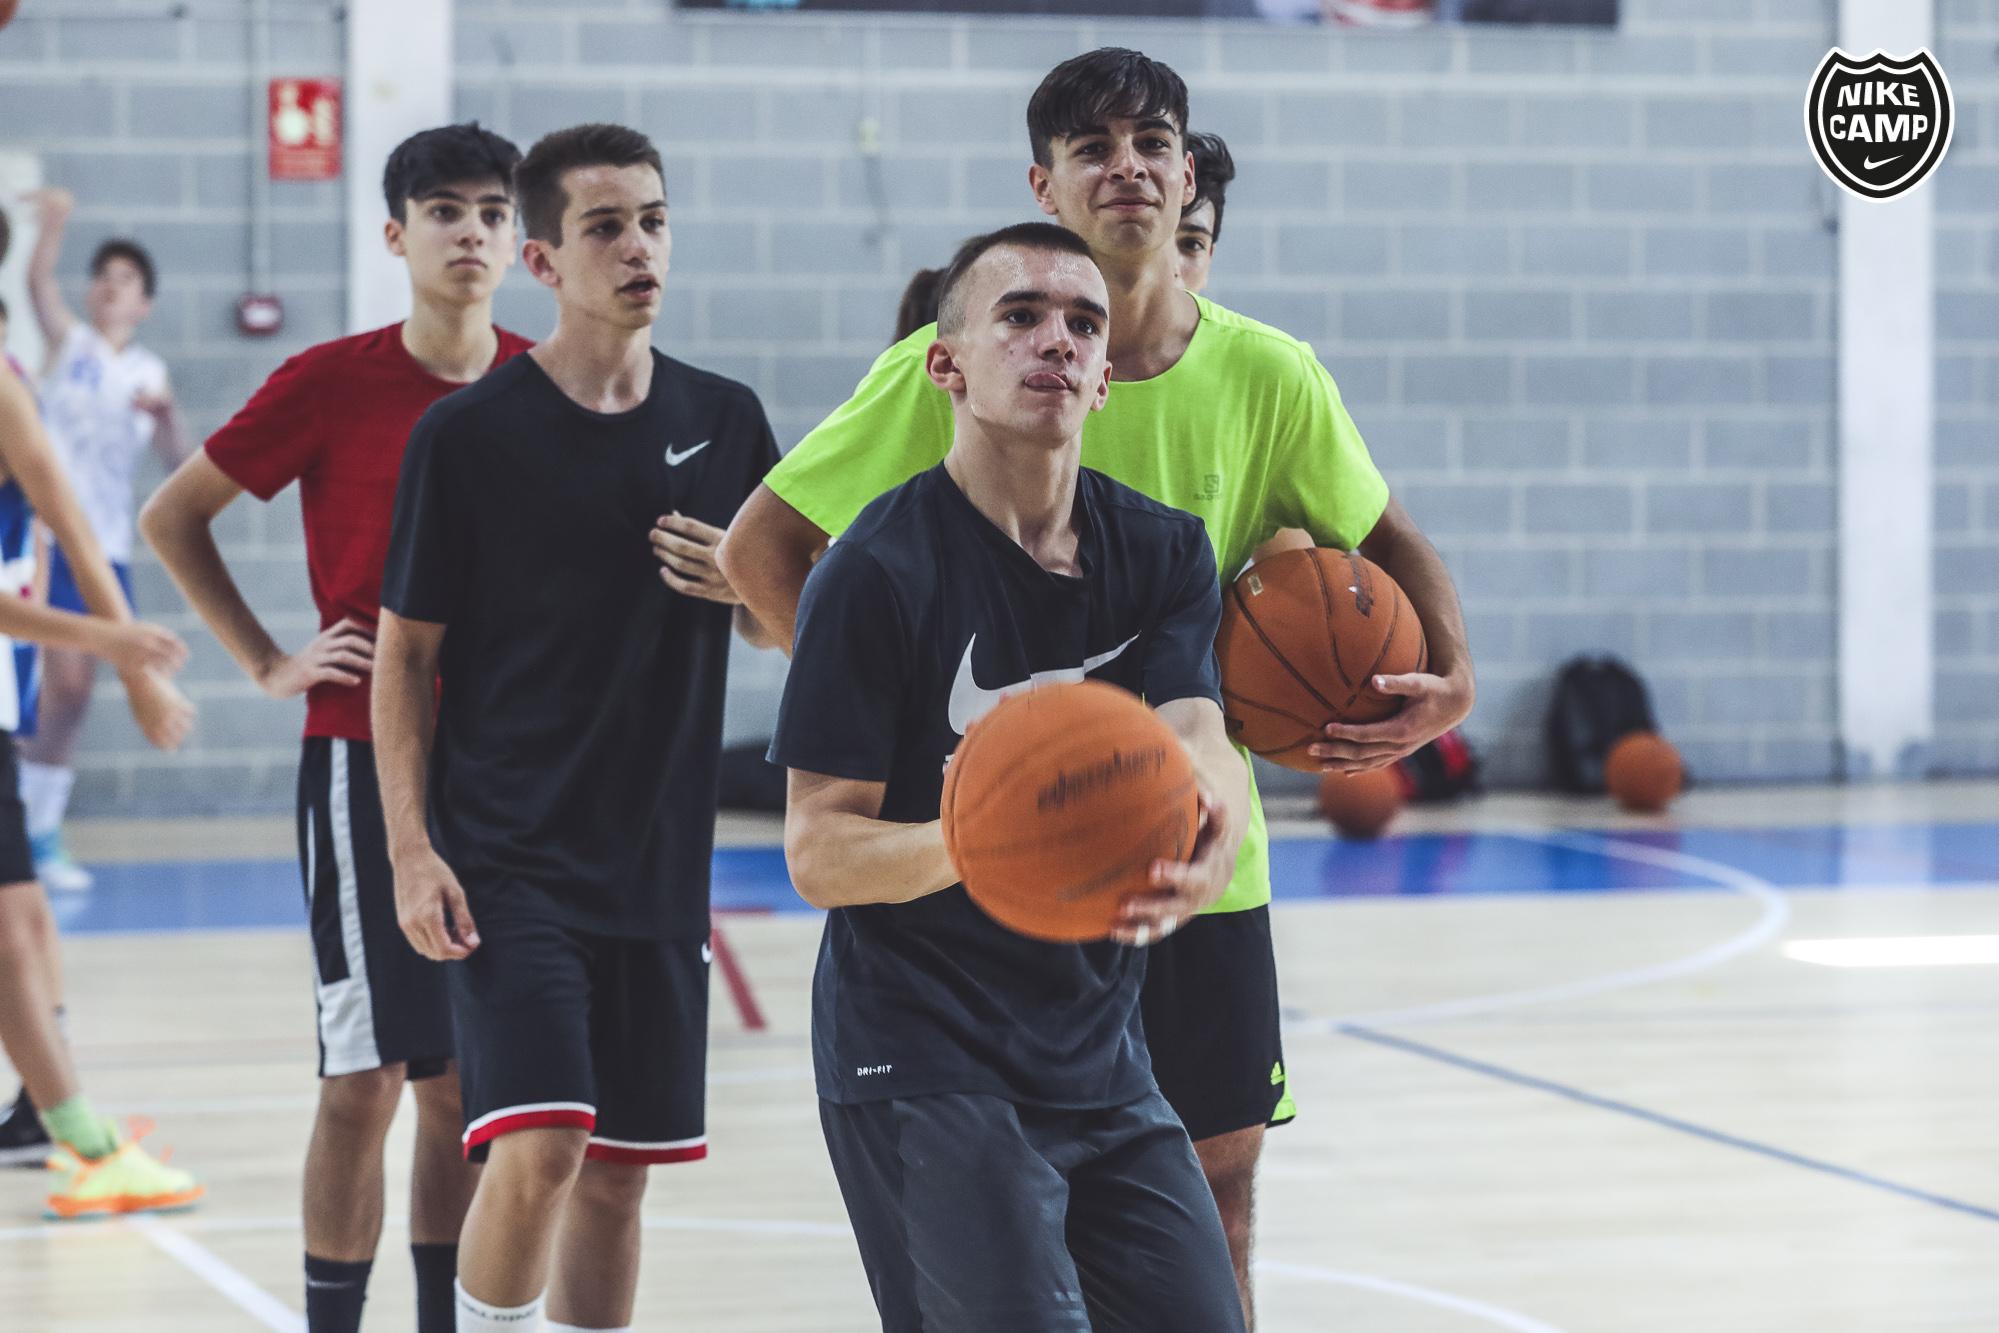 reembolso Periodo perioperatorio Experto  Nike Camp | Campus de fútbol, basket y futsal